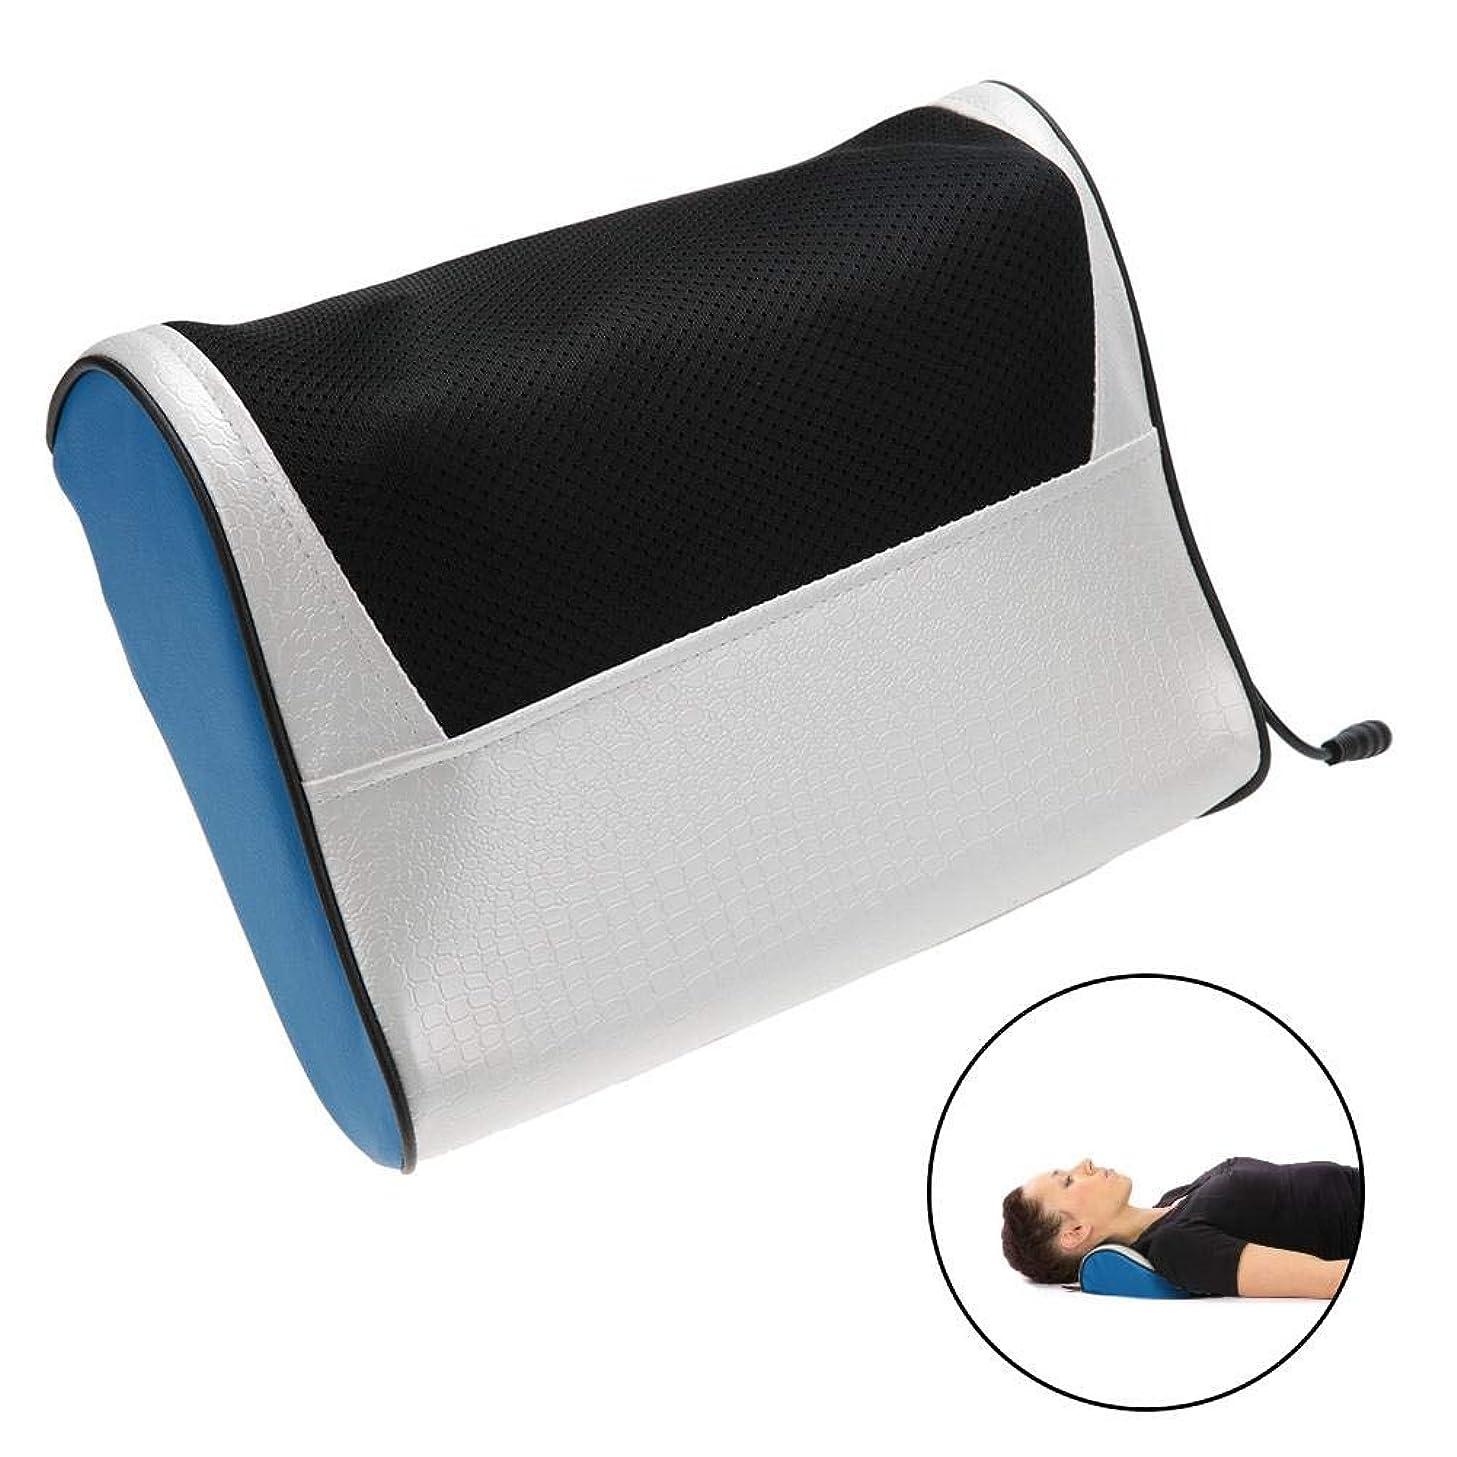 ミンチ動機魅力指圧枕マッサージ、多機能電動ネックショルダーボディマッサージ枕熱疲労